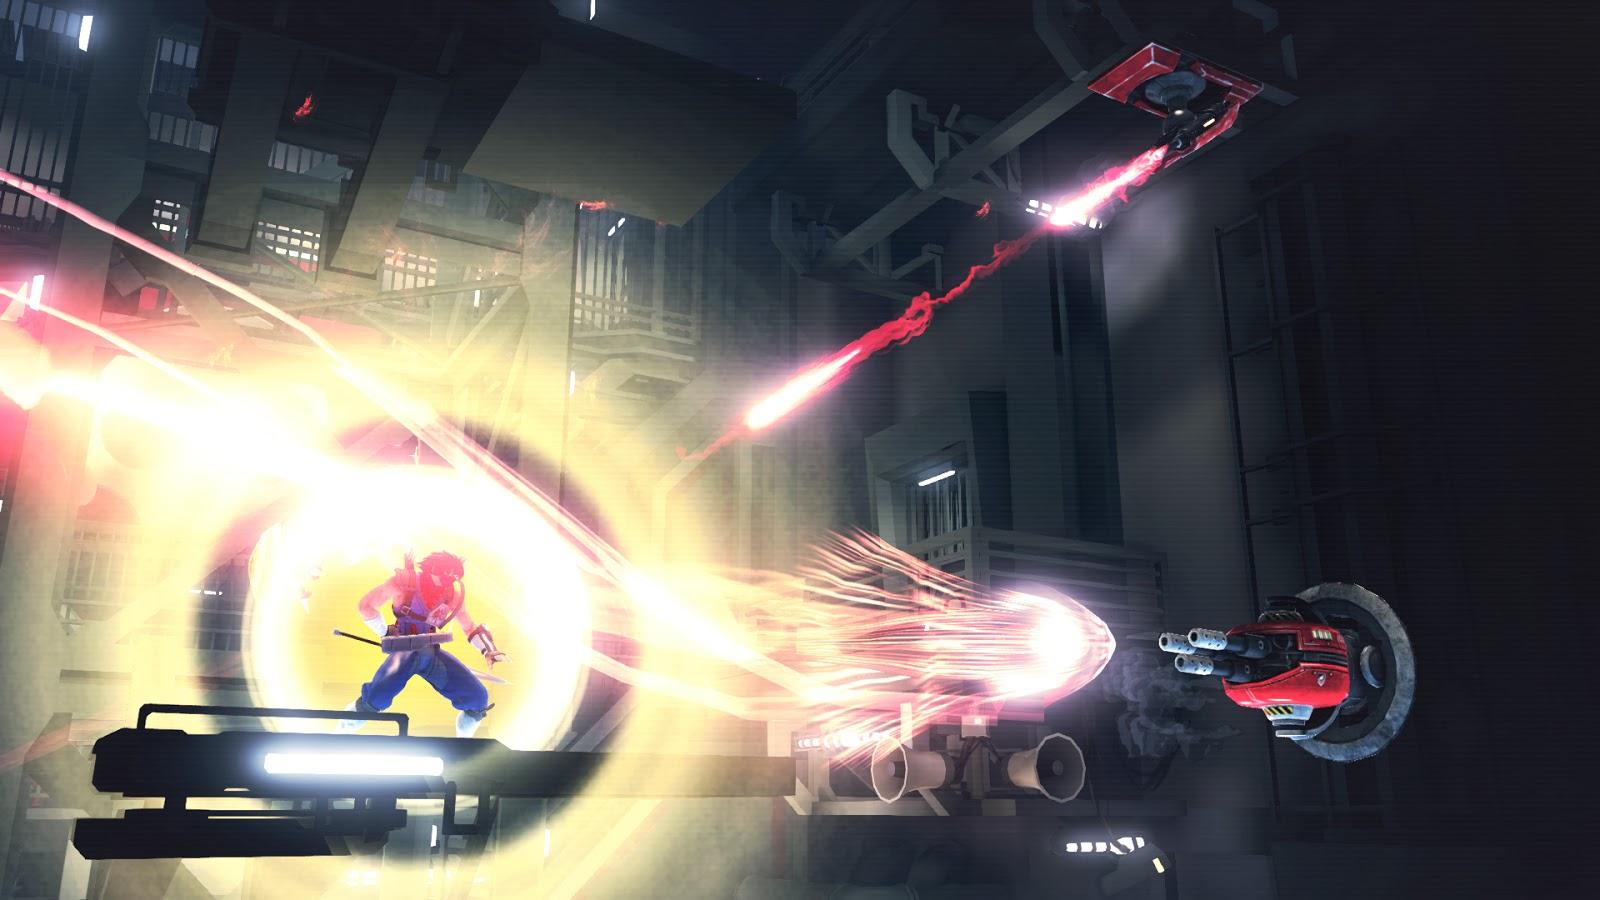 Strider (Multi) será lançado no Brasil no dia 18 de fevereiro com novas mecânicas e modos de jogo Strider0